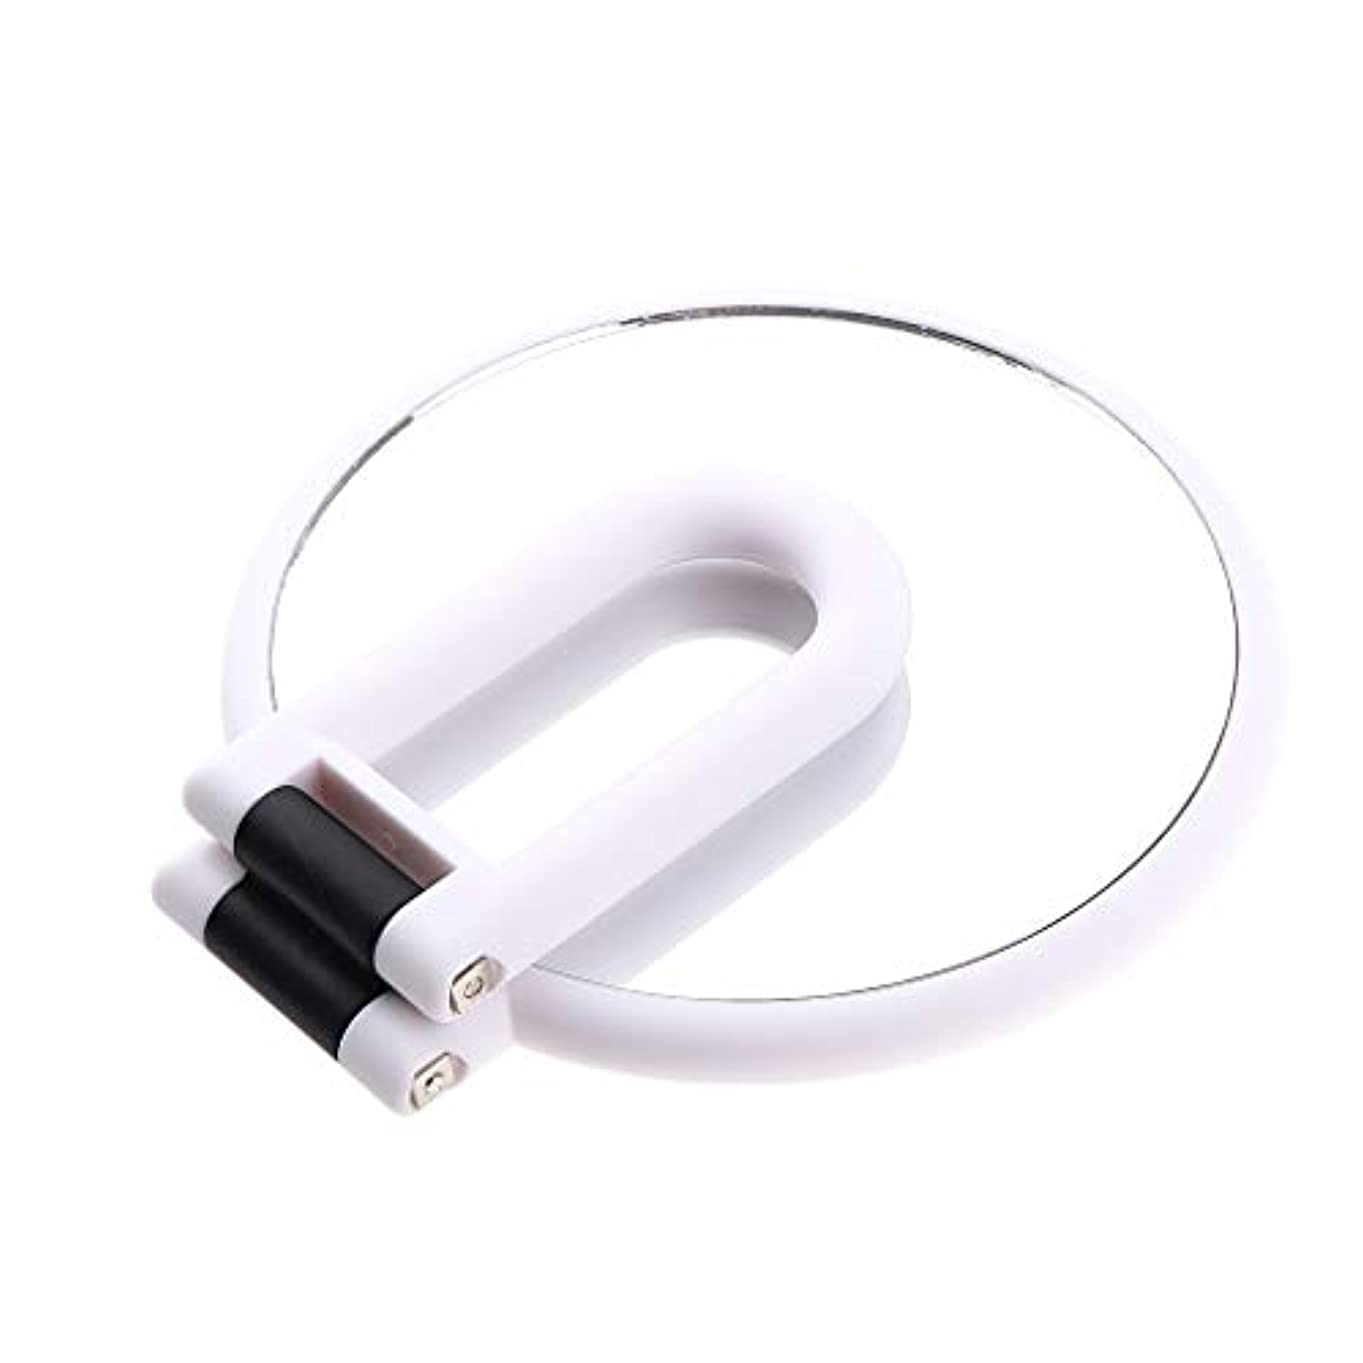 忠実にバックグラウンド受粉者化粧鏡 ラウンド ハンドヘルド 両面化粧鏡 拡大鏡 5仕様選べ - 5倍